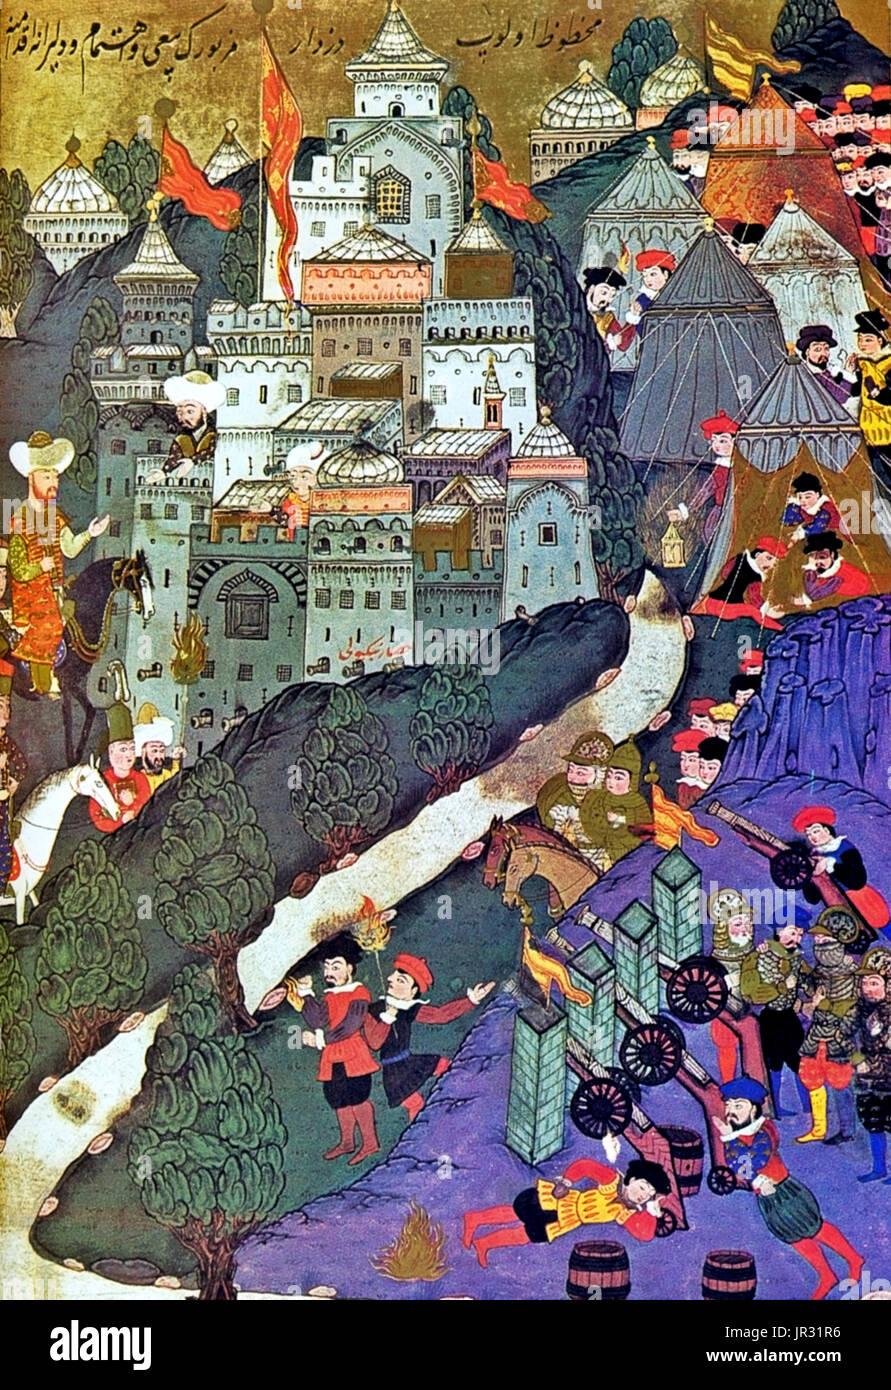 La battaglia di Nicopoli ha avuto luogo il 25 settembre 1396 e ha provocato la disfatta di un alleato esercito crociato di ungherese, croato, bulgaro, Wallachian, Francese, Inglese, Burgundian, tedesco e le truppe assortiti (assistito dalla marina militare veneziana) nelle mani di una forza ottomana, sollevamento dell'assedio della fortezza Danubiano di Nicopoli. È spesso indicata come la Crociata di Nicopoli come fu uno degli ultimi grandi Crociate del Medioevo. La battaglia di Nicopoli è anche ampiamente considerata come la fine del secondo Impero Bulgaro, poiché le speranze per la sua rinascita era venuto a una estremità con Immagini Stock